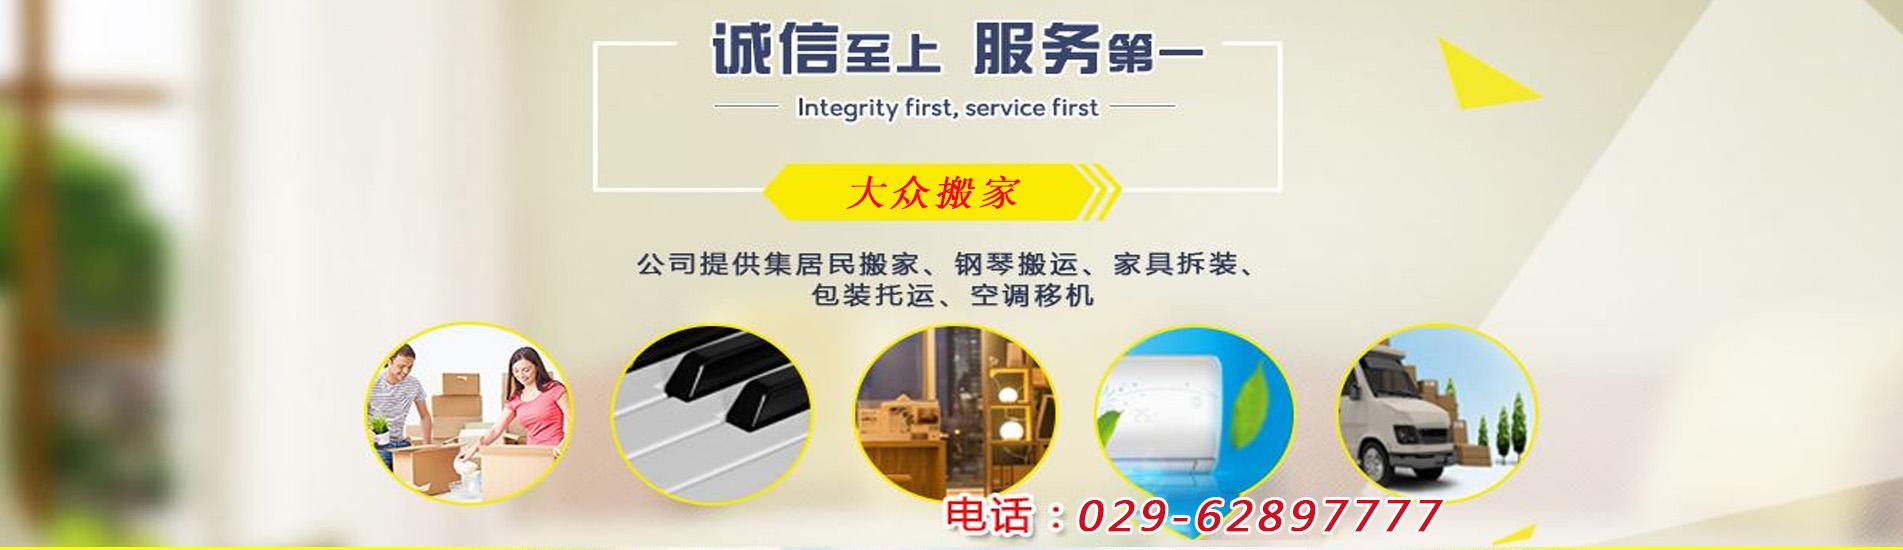 西安搬家公司购买富海360建站系统做百度推广